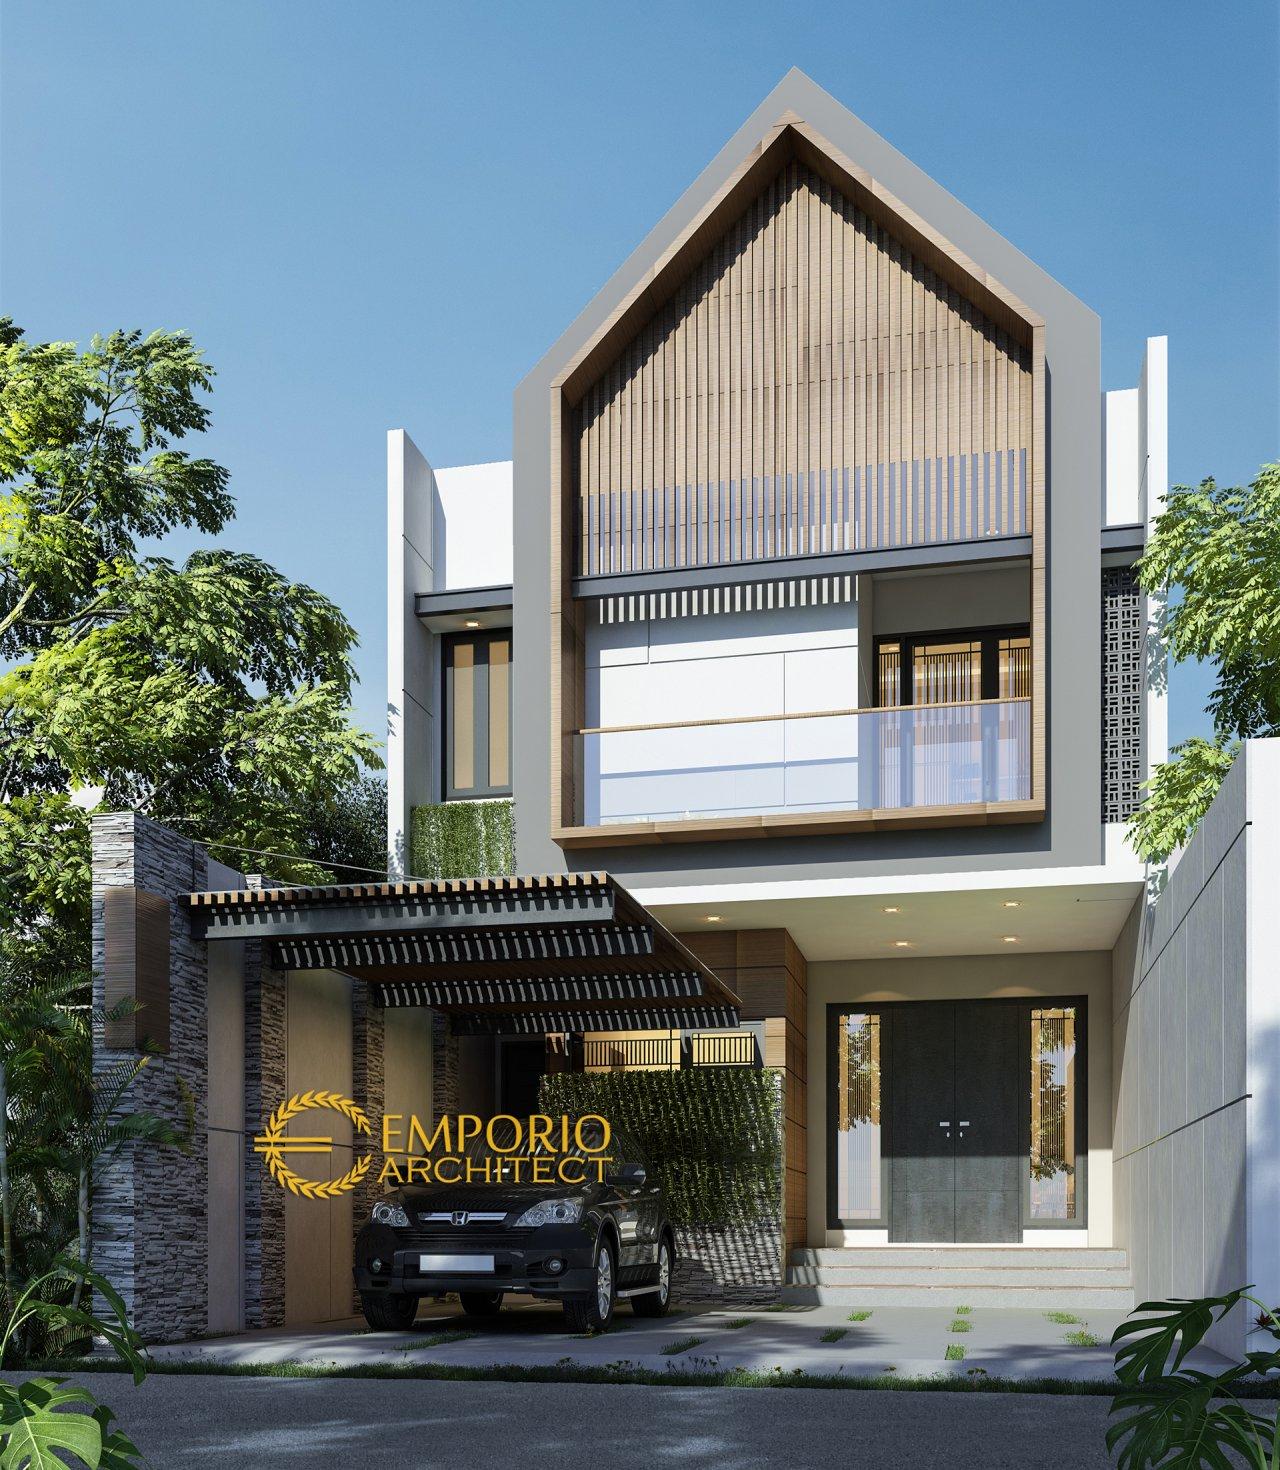 5 Desain Rumah Minimalis 2 Lantai Terbaik Pada Lebar Lahan 7 Meter